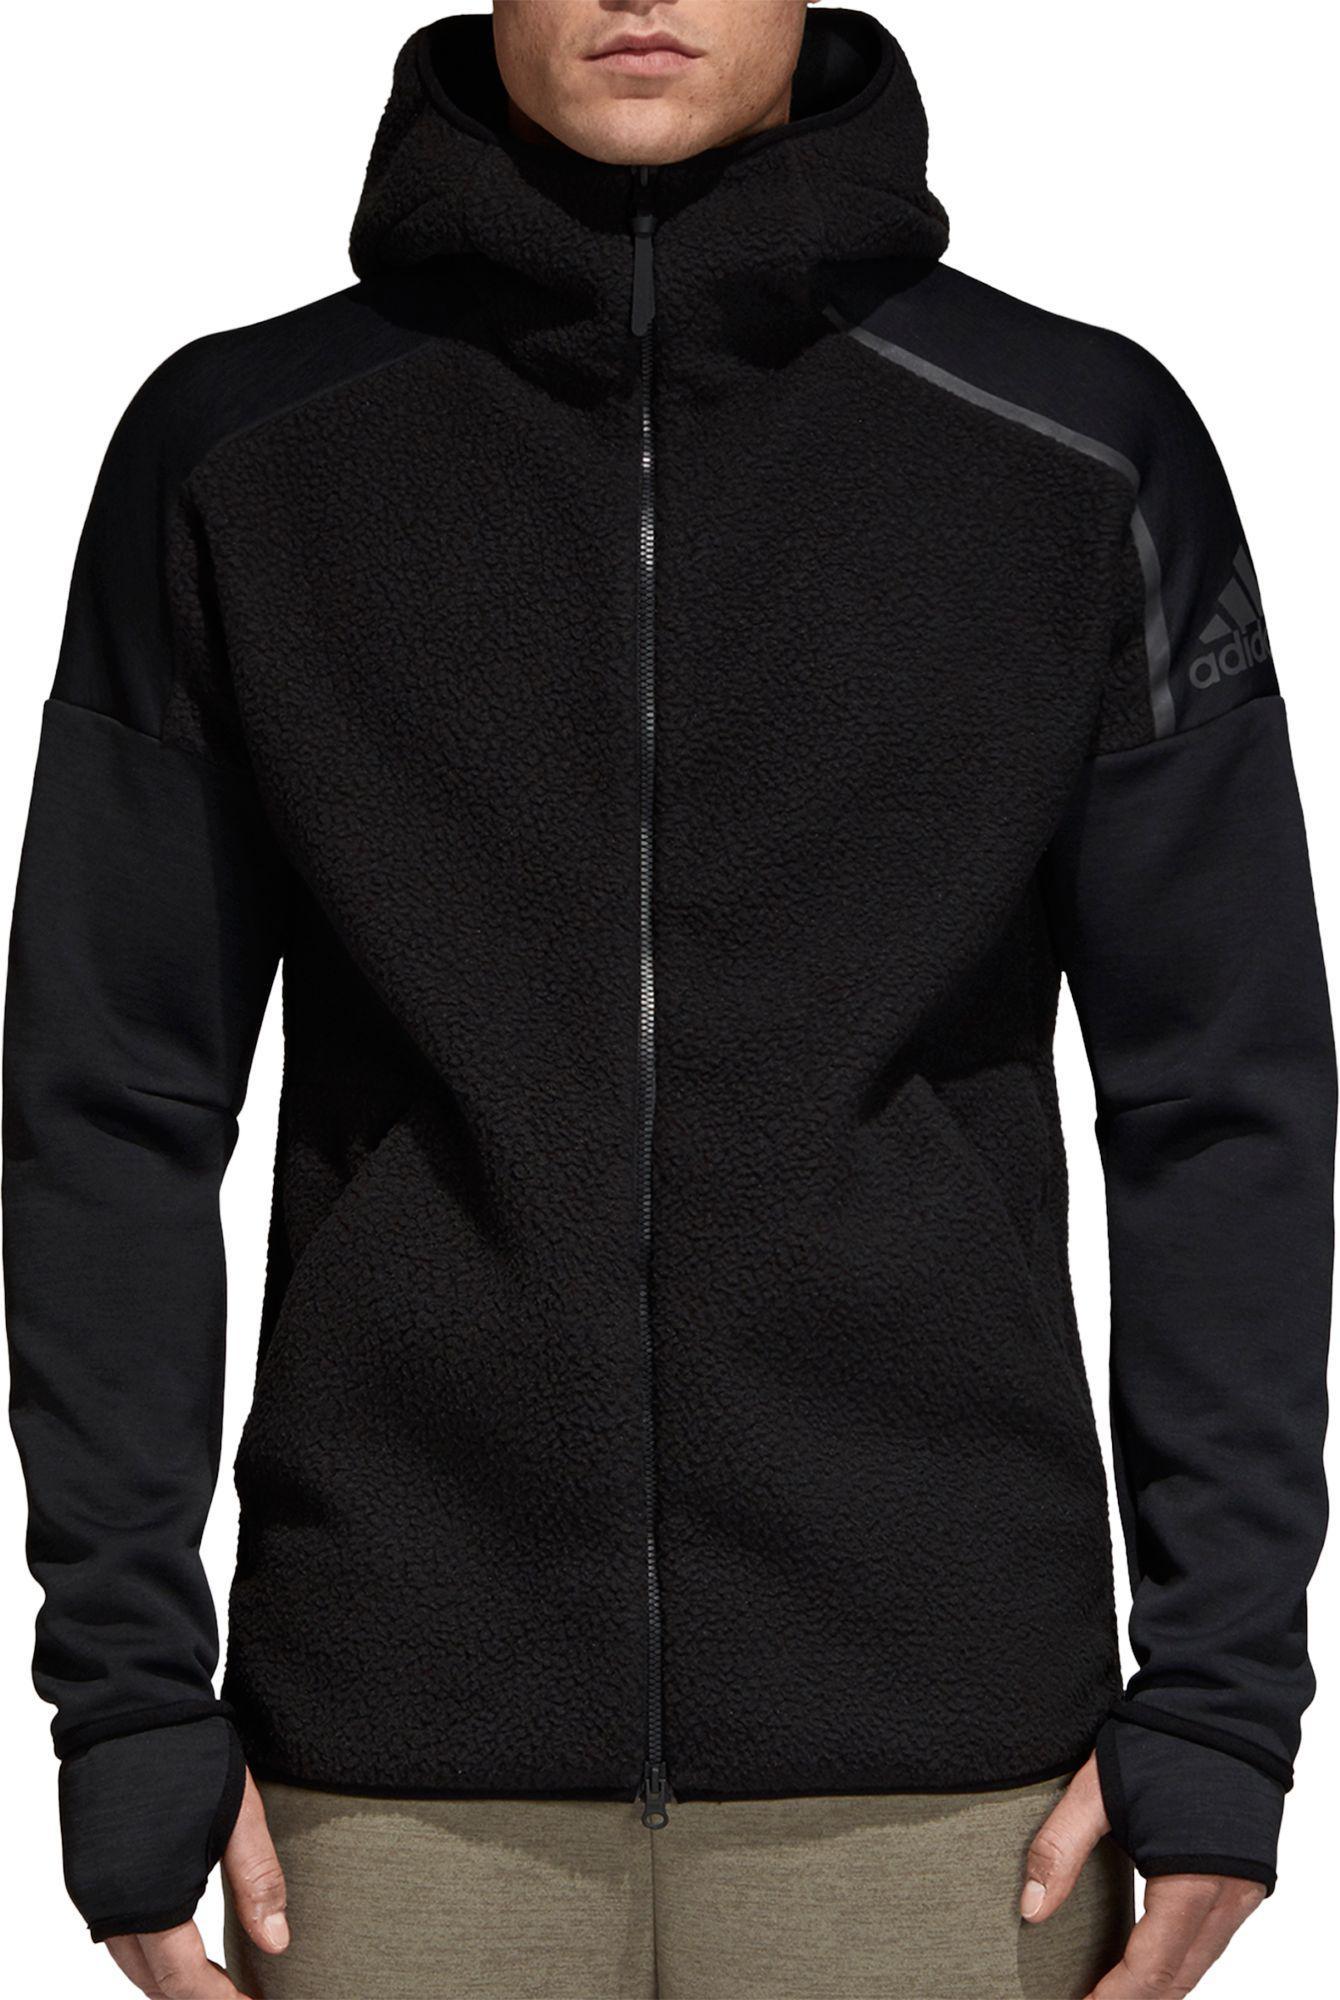 8e62664b0d64 Lyst - adidas Z.n.e. Winterized Full-zip Hoodie in Black for Men